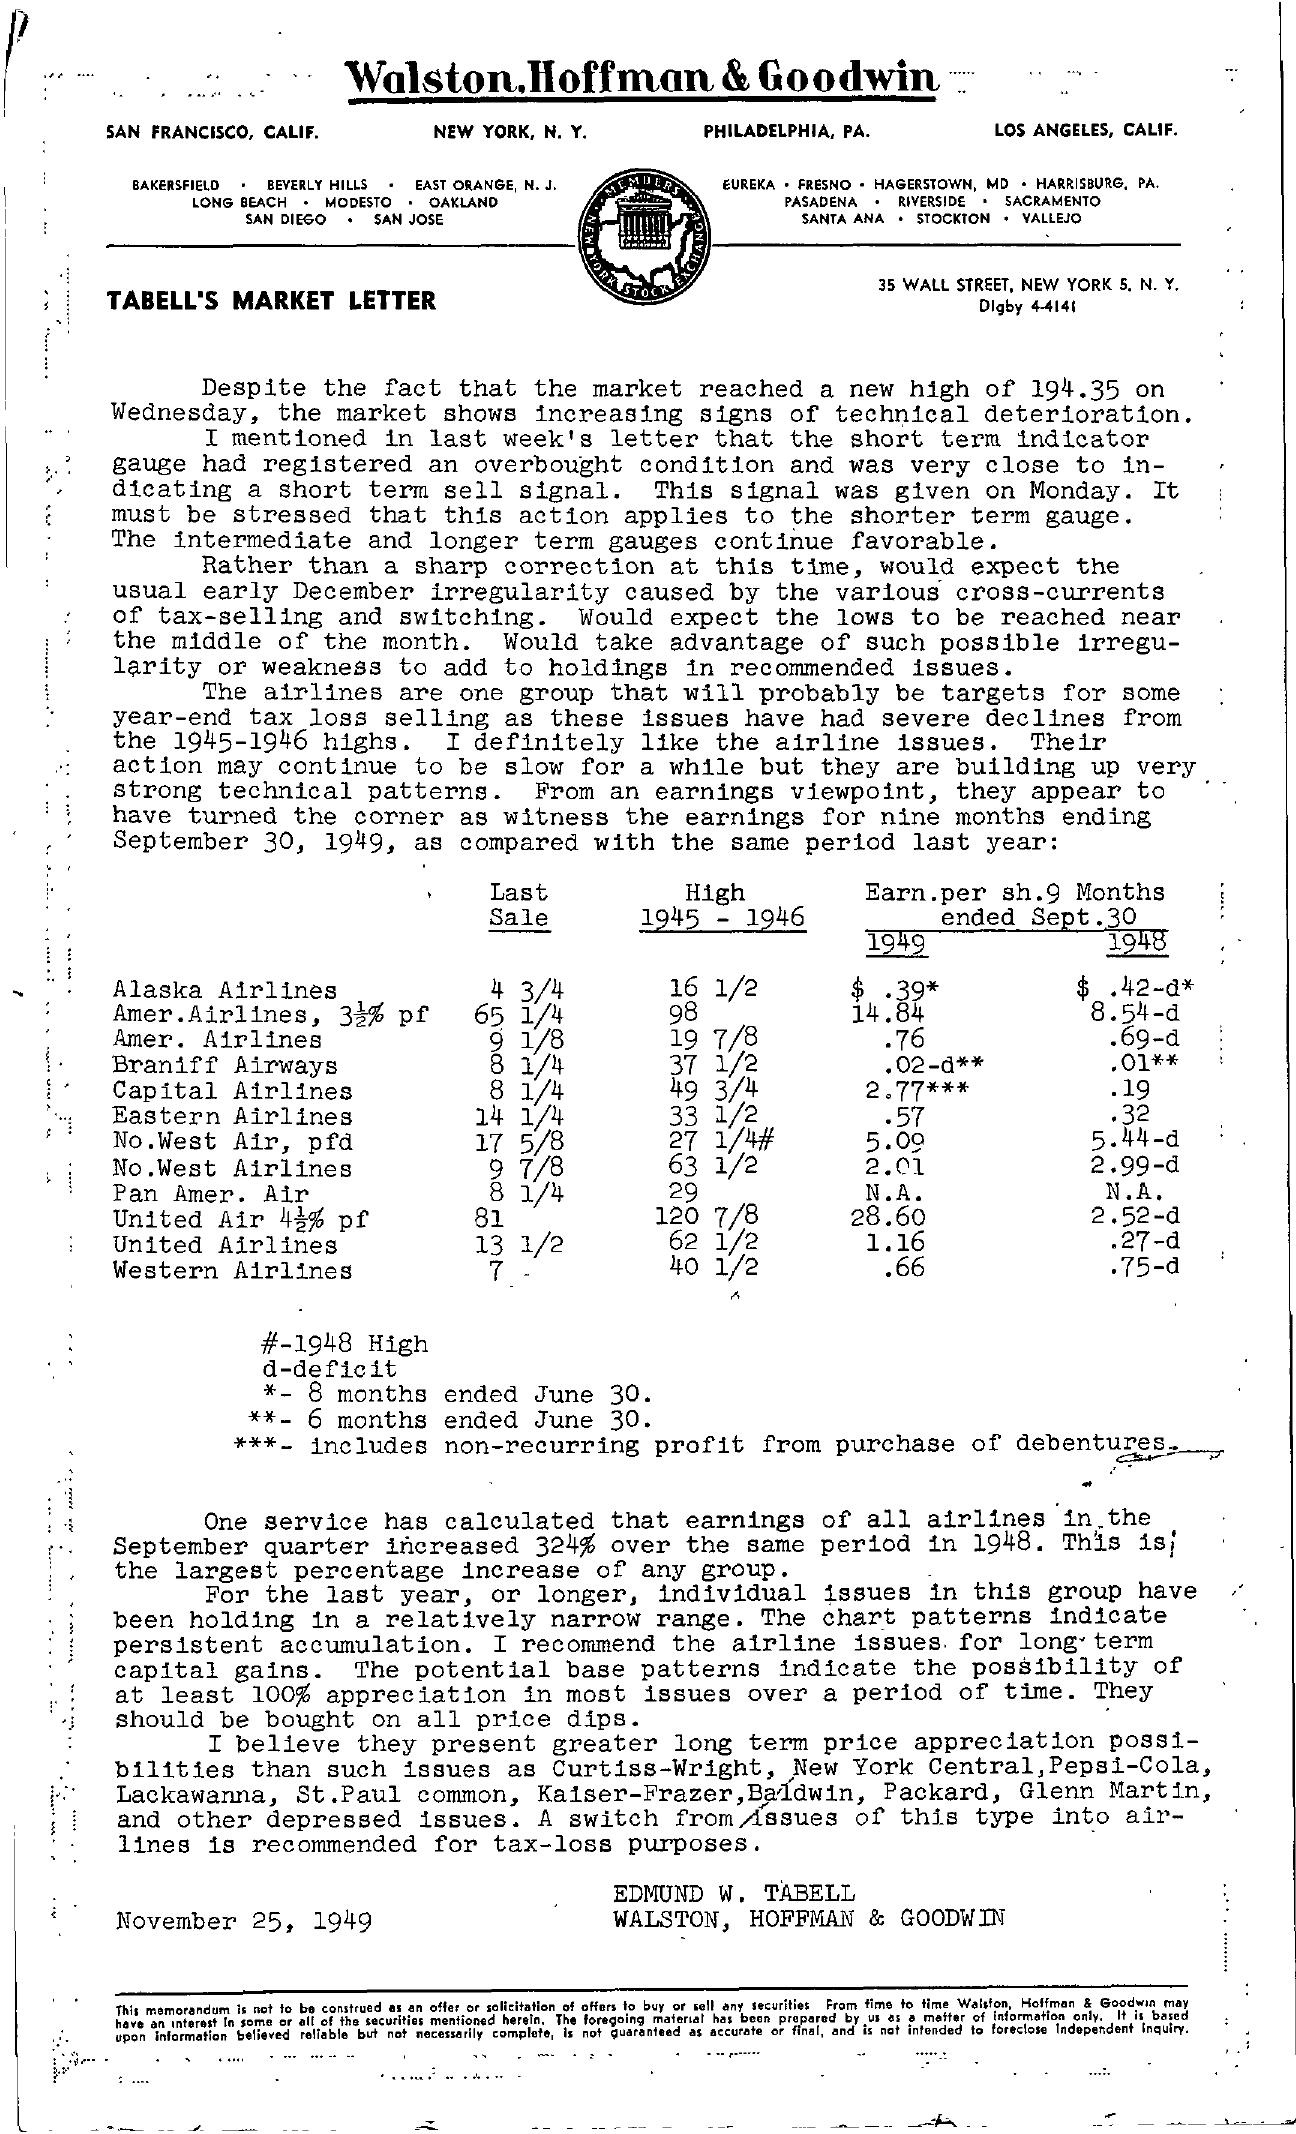 Tabell's Market Letter - November 25, 1949